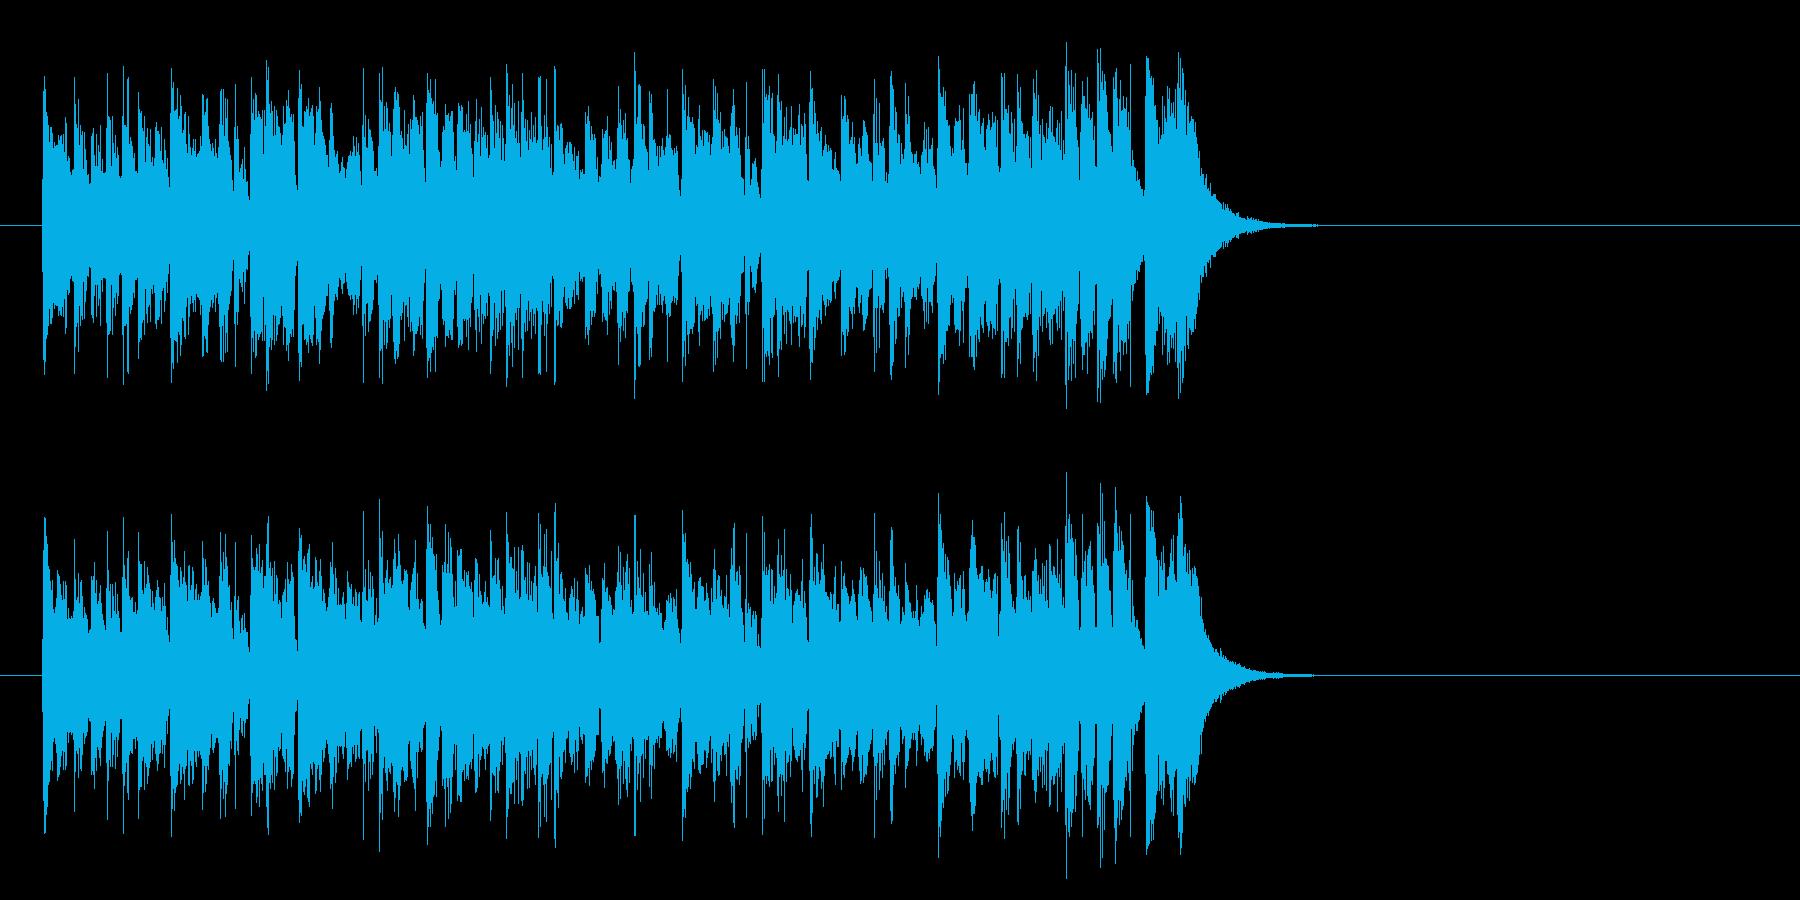 元気ハツラツOPポップス(サビ)の再生済みの波形